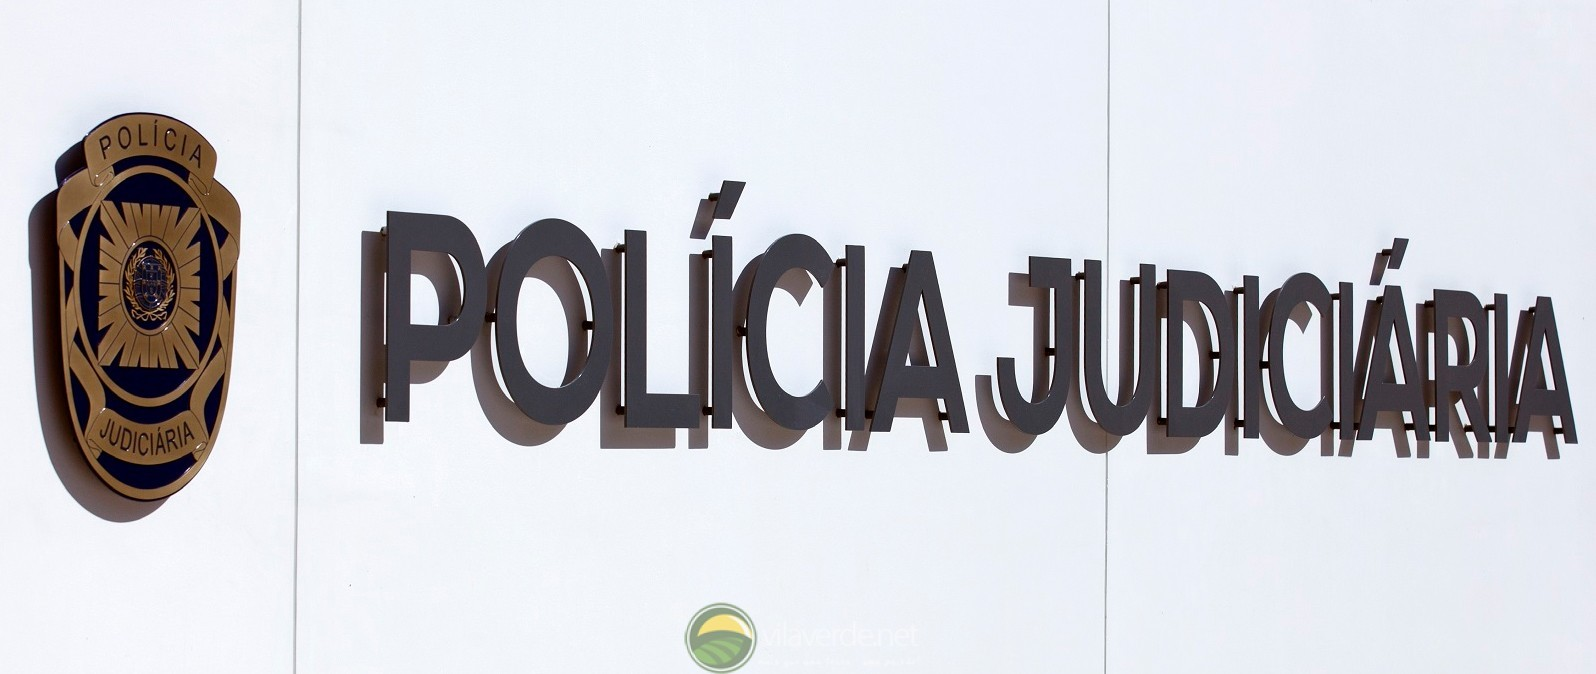 Jovem suspeito de homicídio em Barcelos fica em prisão domiciliária